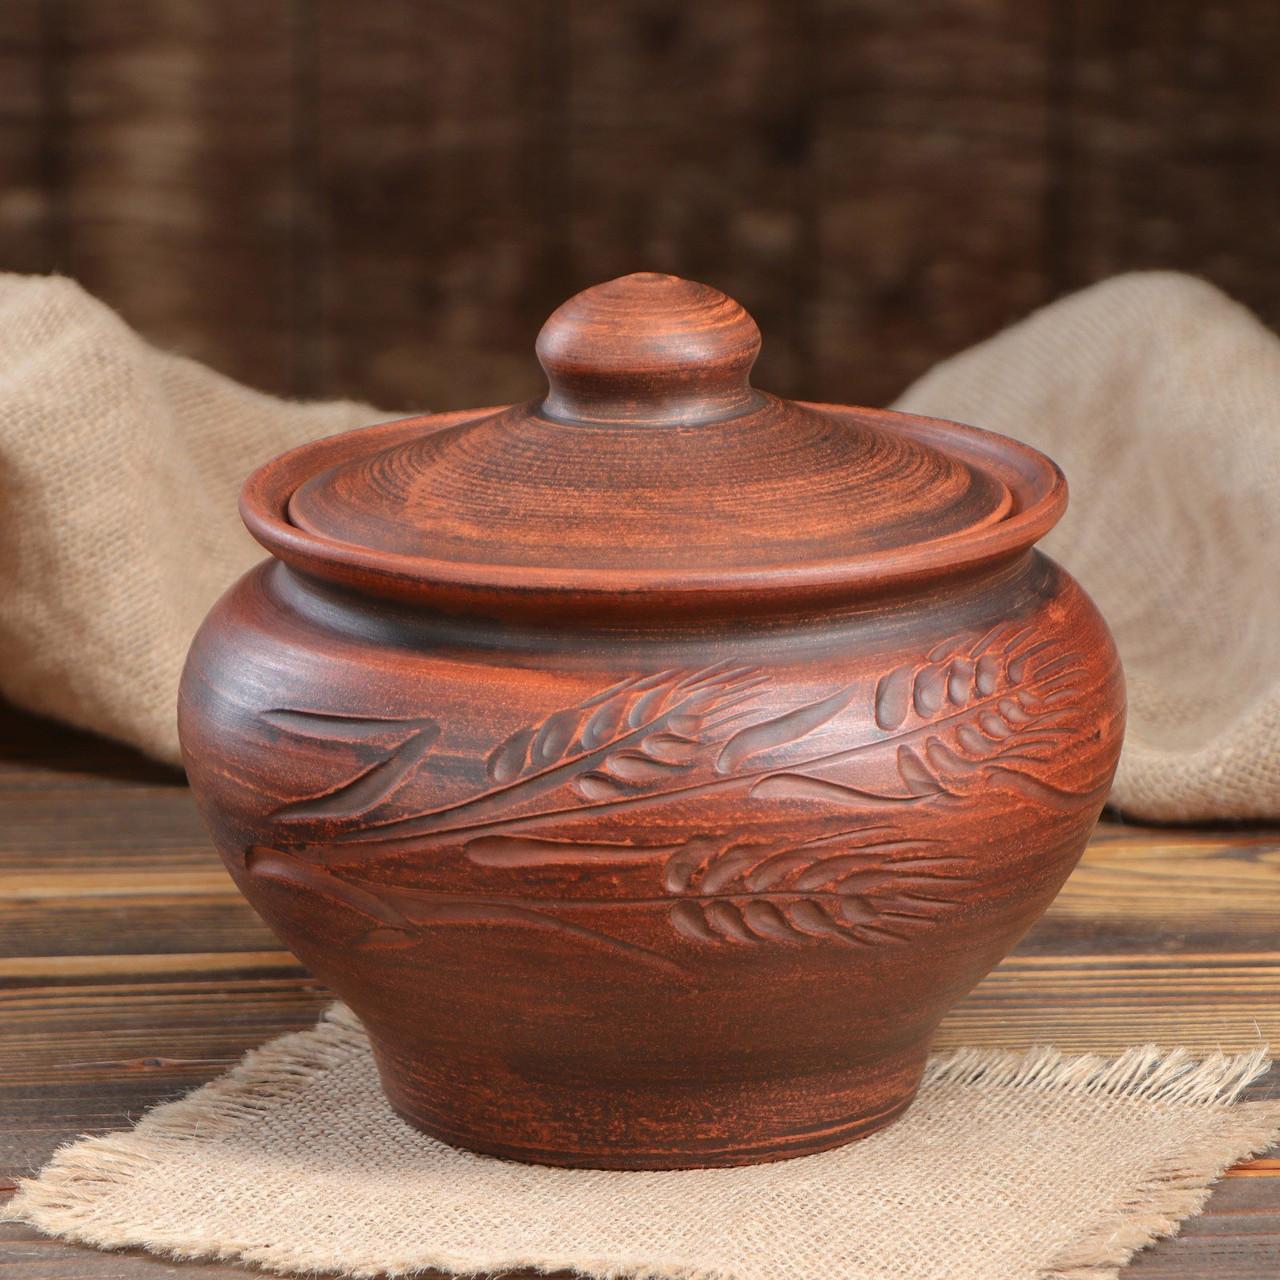 Жаровня духовая «Народная» красная керамика 3 л гончарная (752)